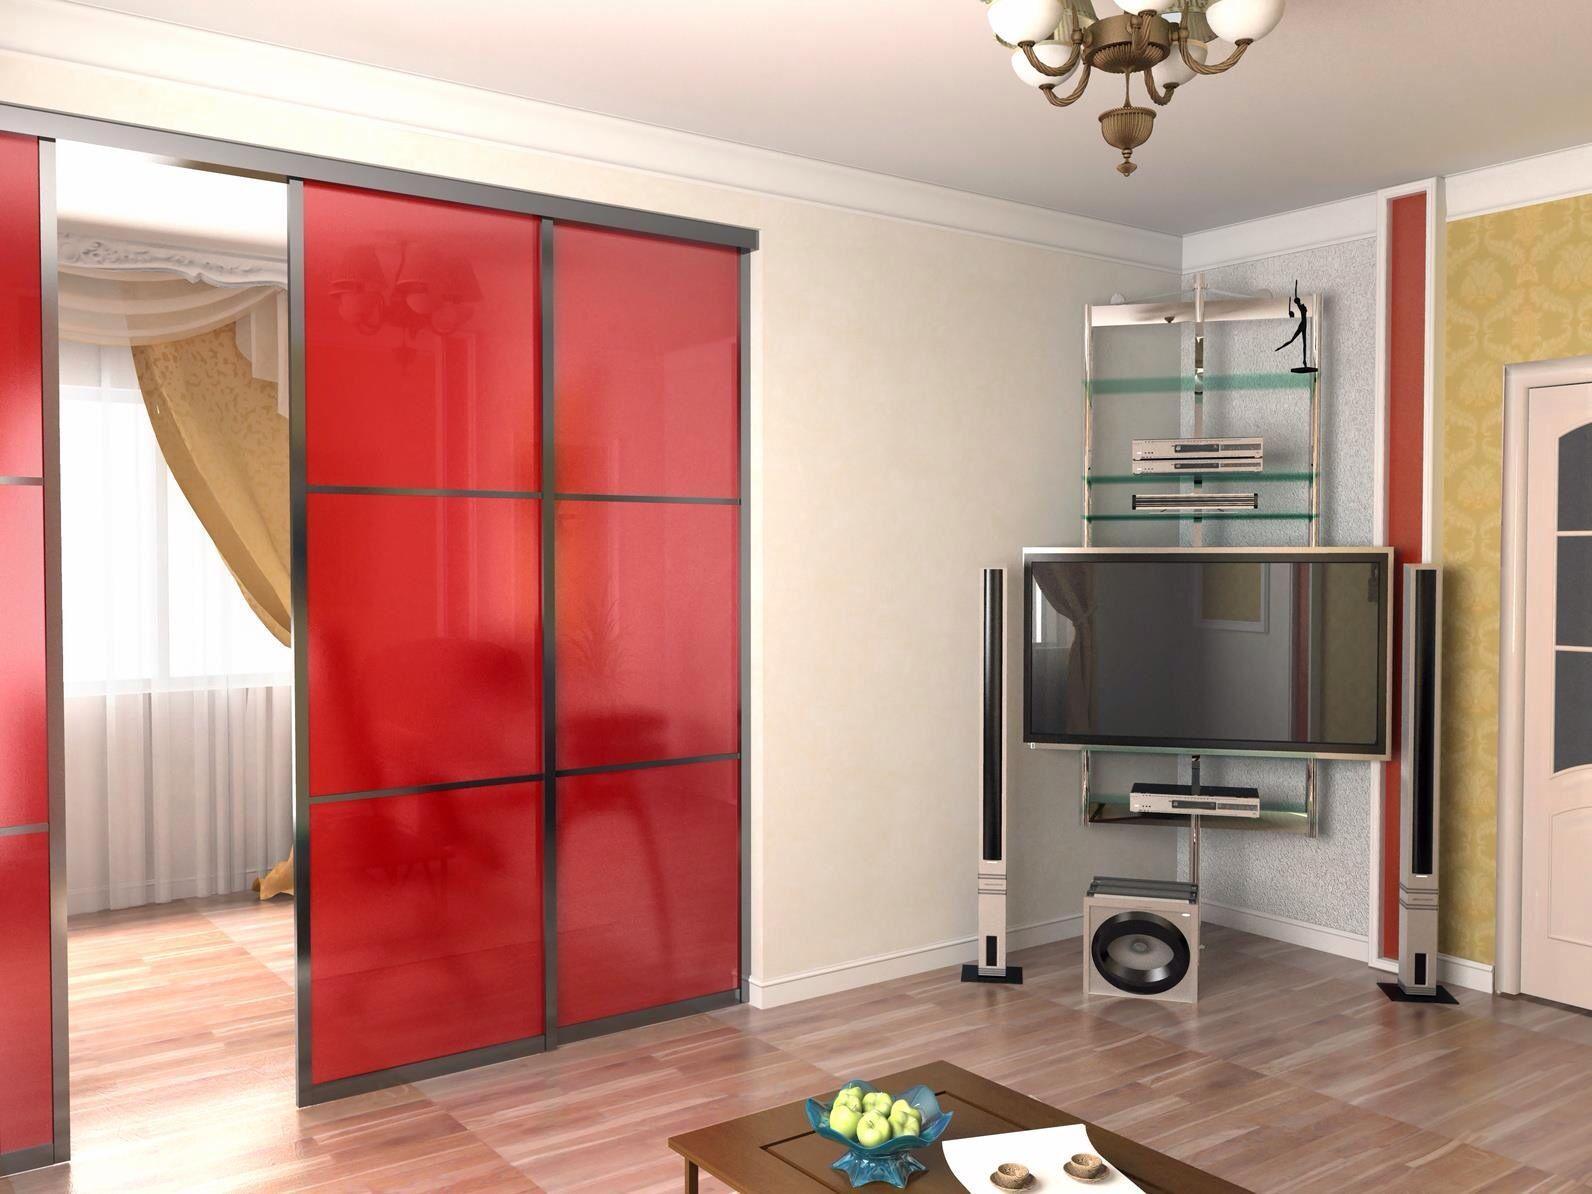 Prodigious diy ideas dining room divider entryway room divider